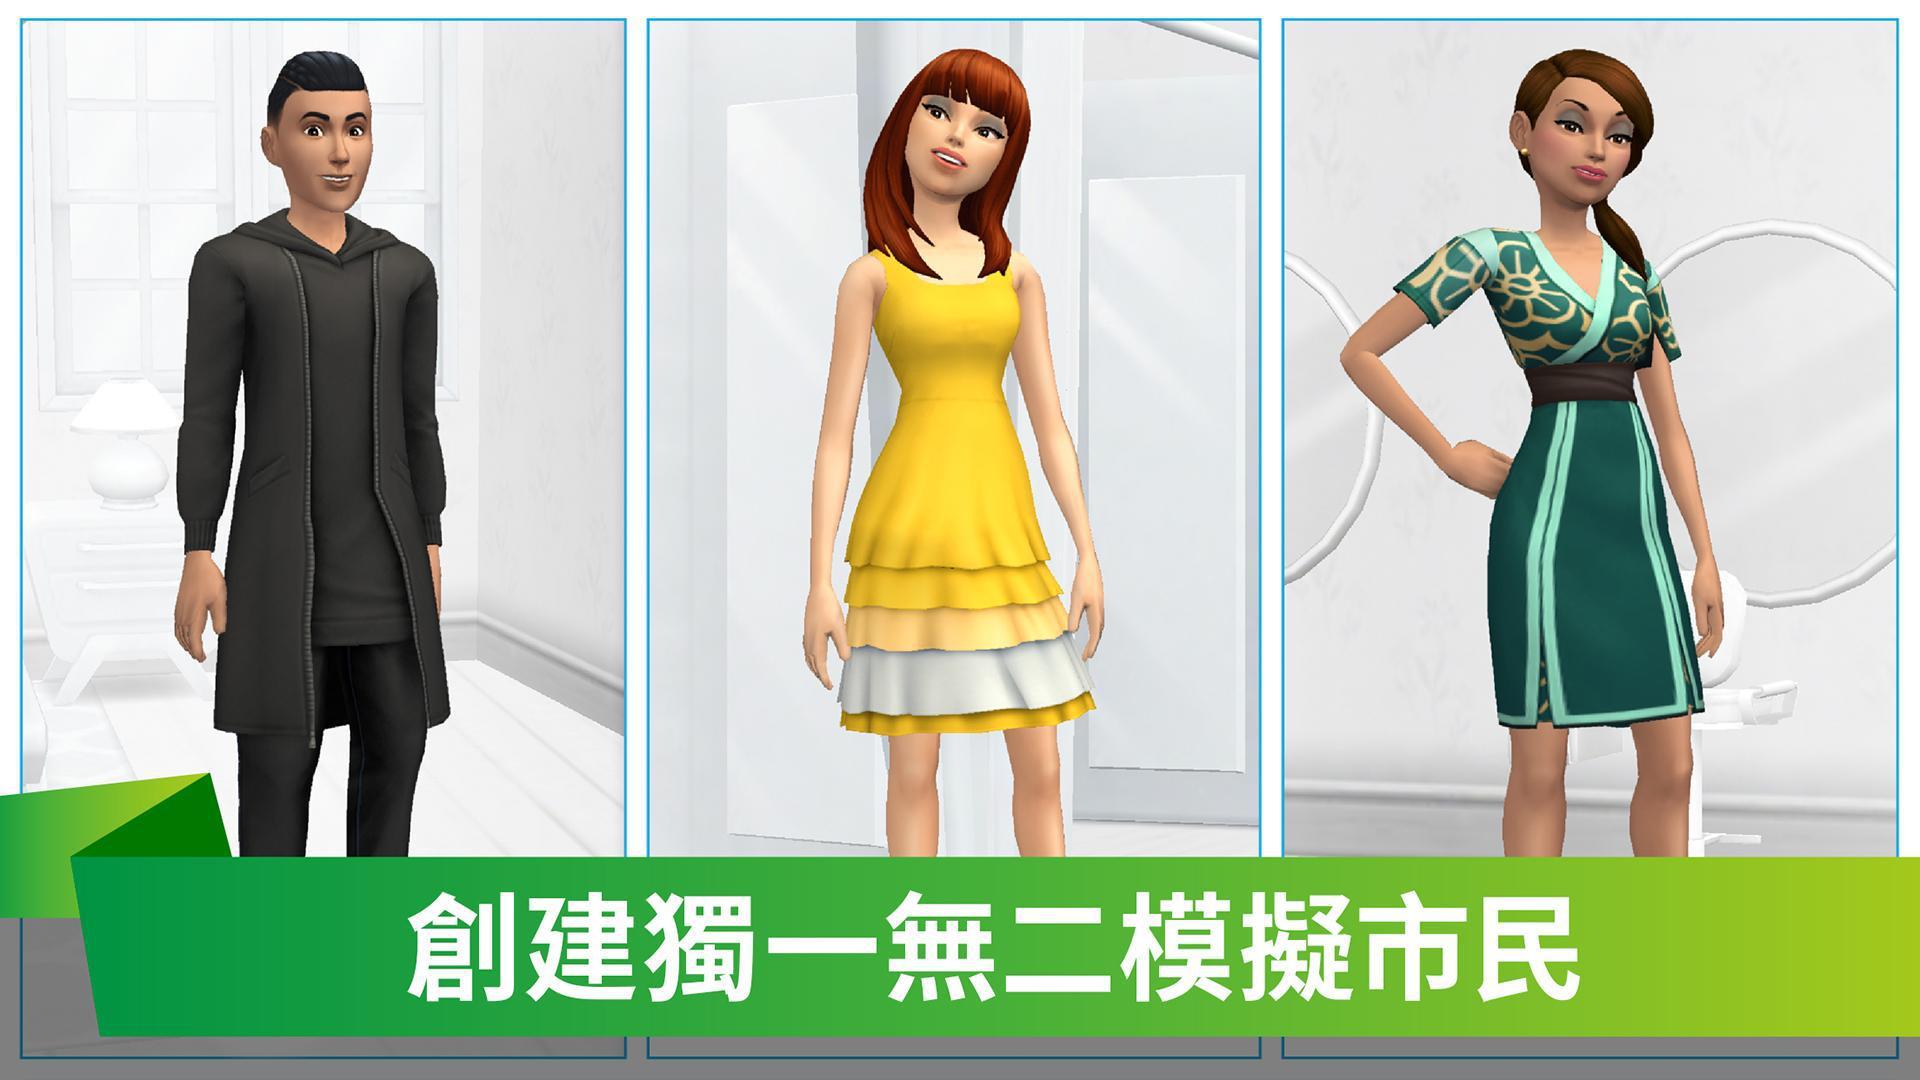 模拟人生移动版 游戏截图2